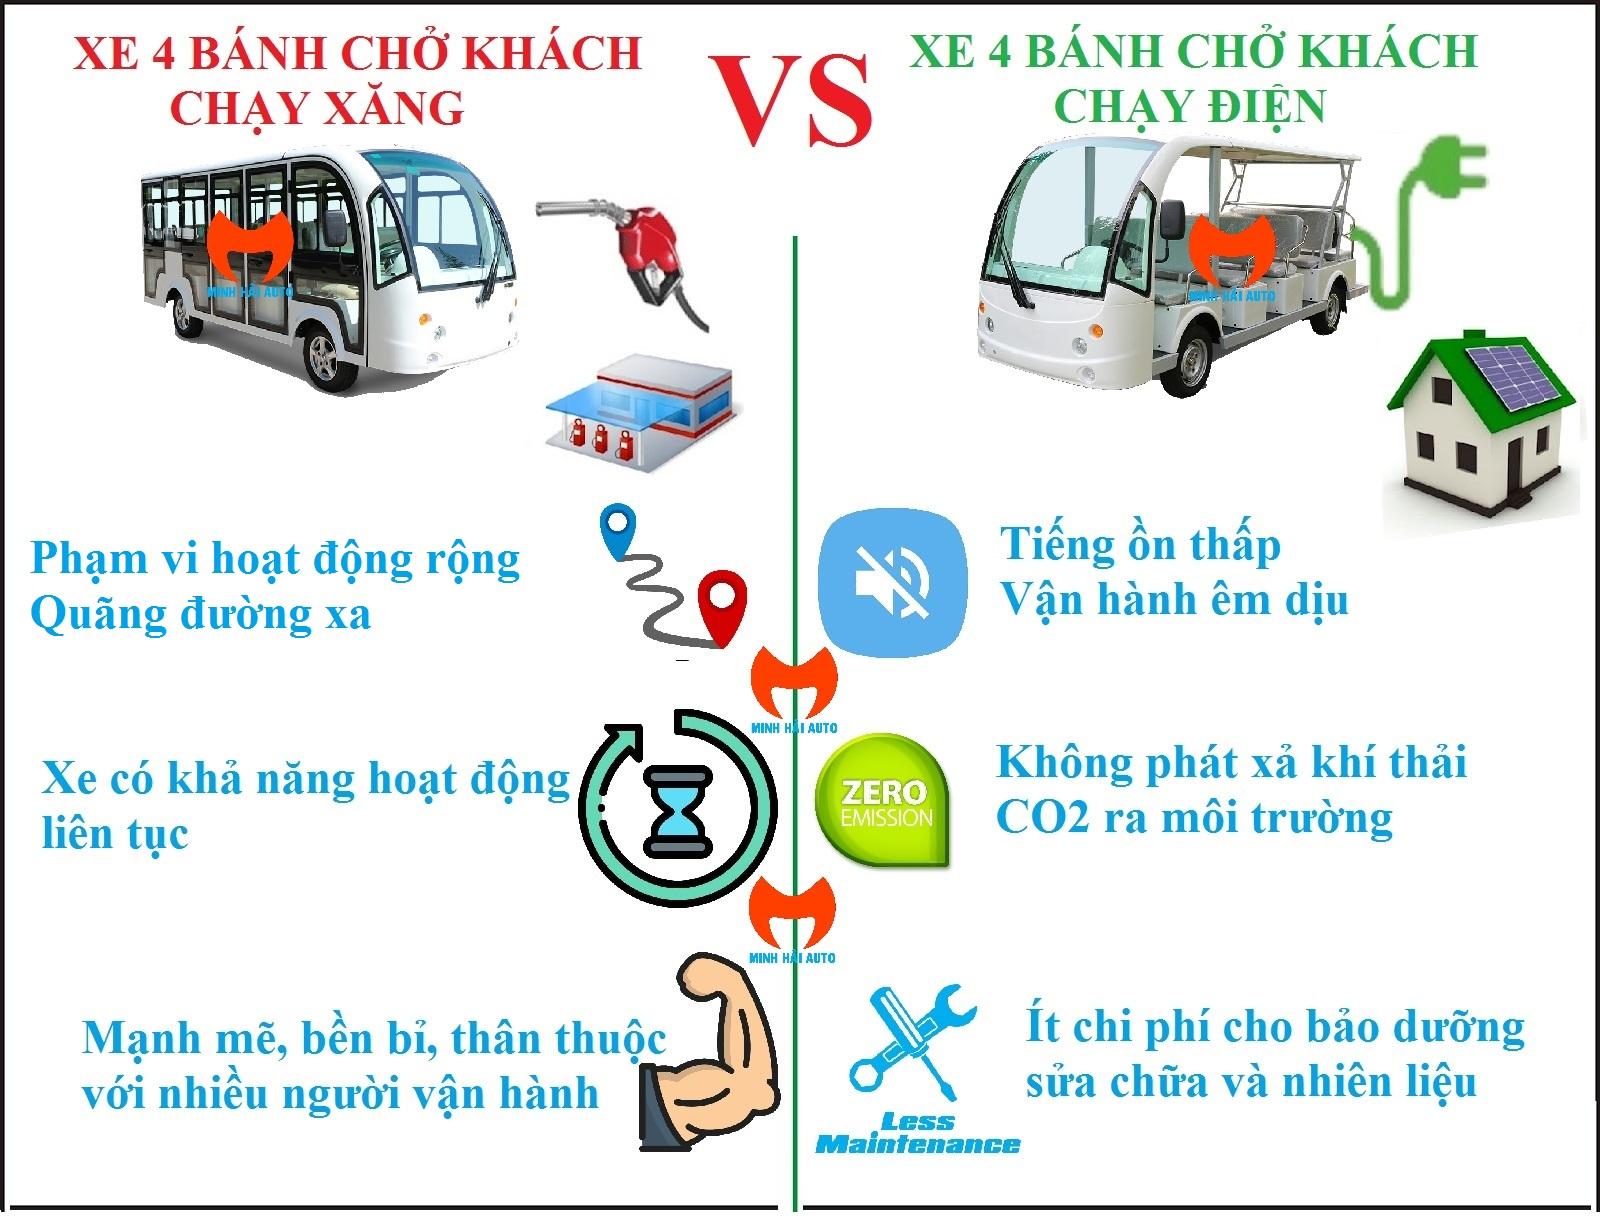 So sánh xe du lịch chạy xăng với chạy điện